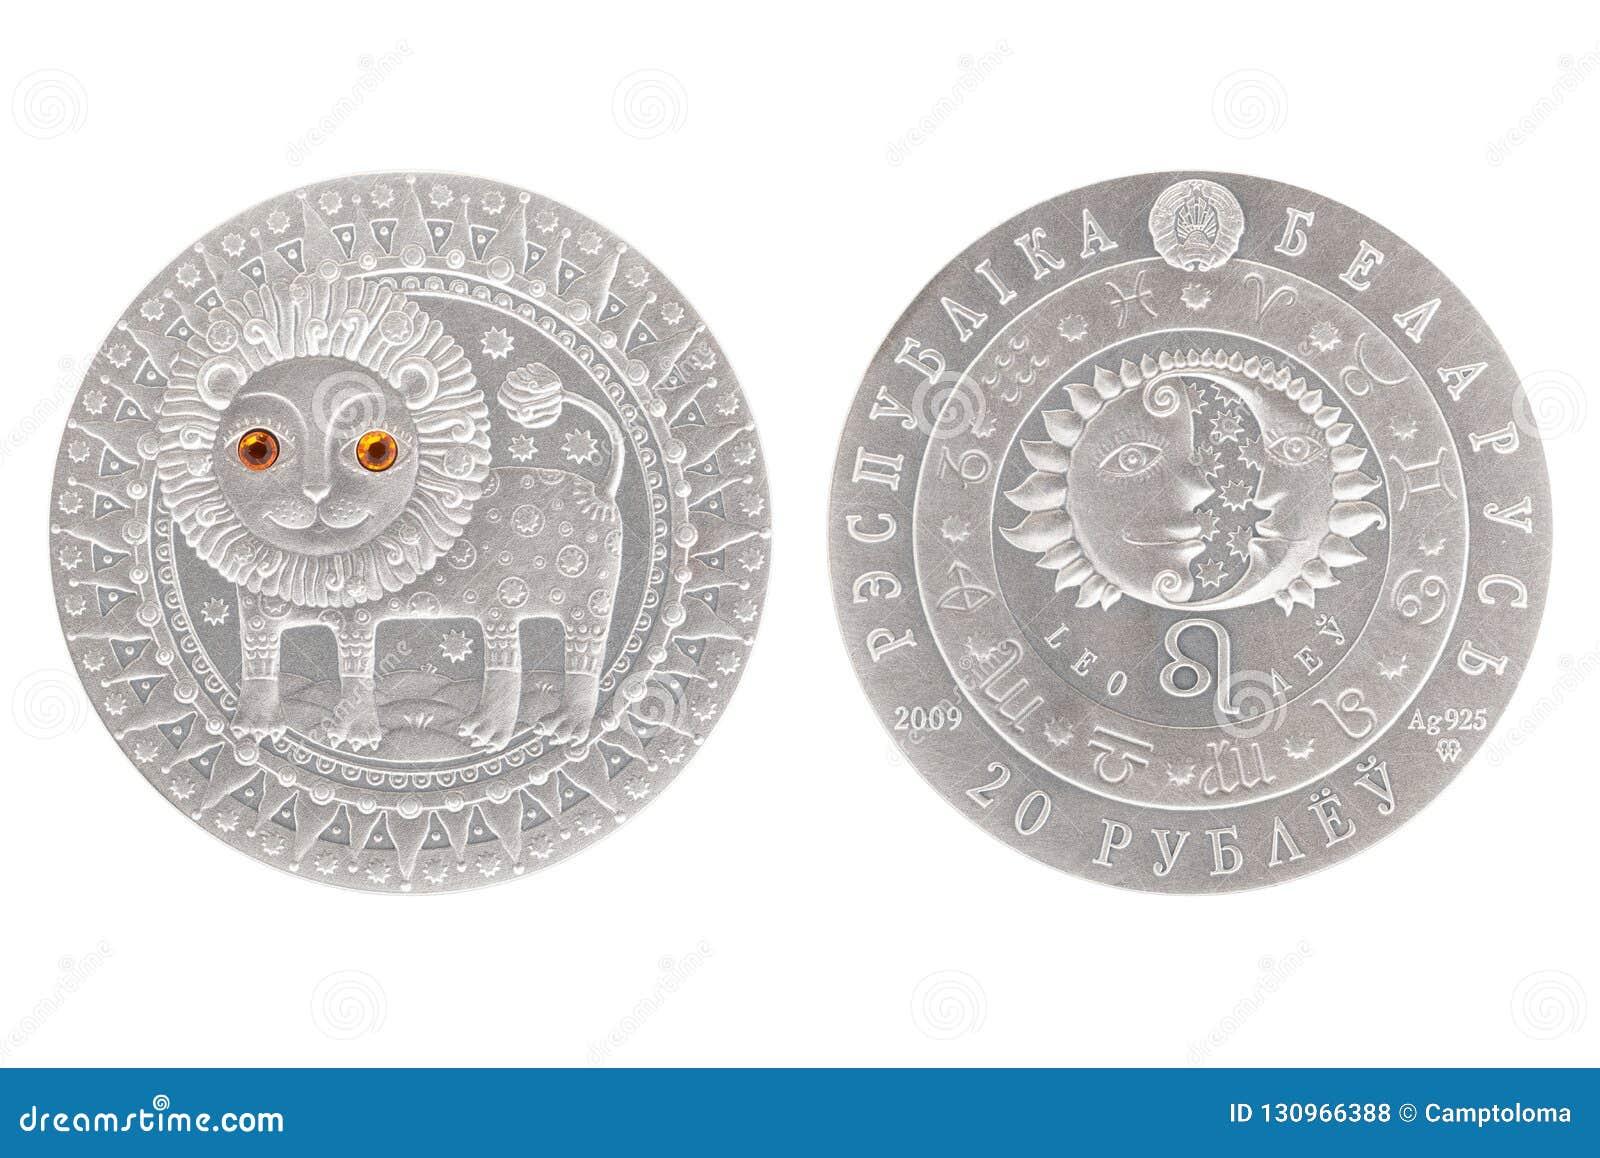 Leo Białoruś srebna moneta